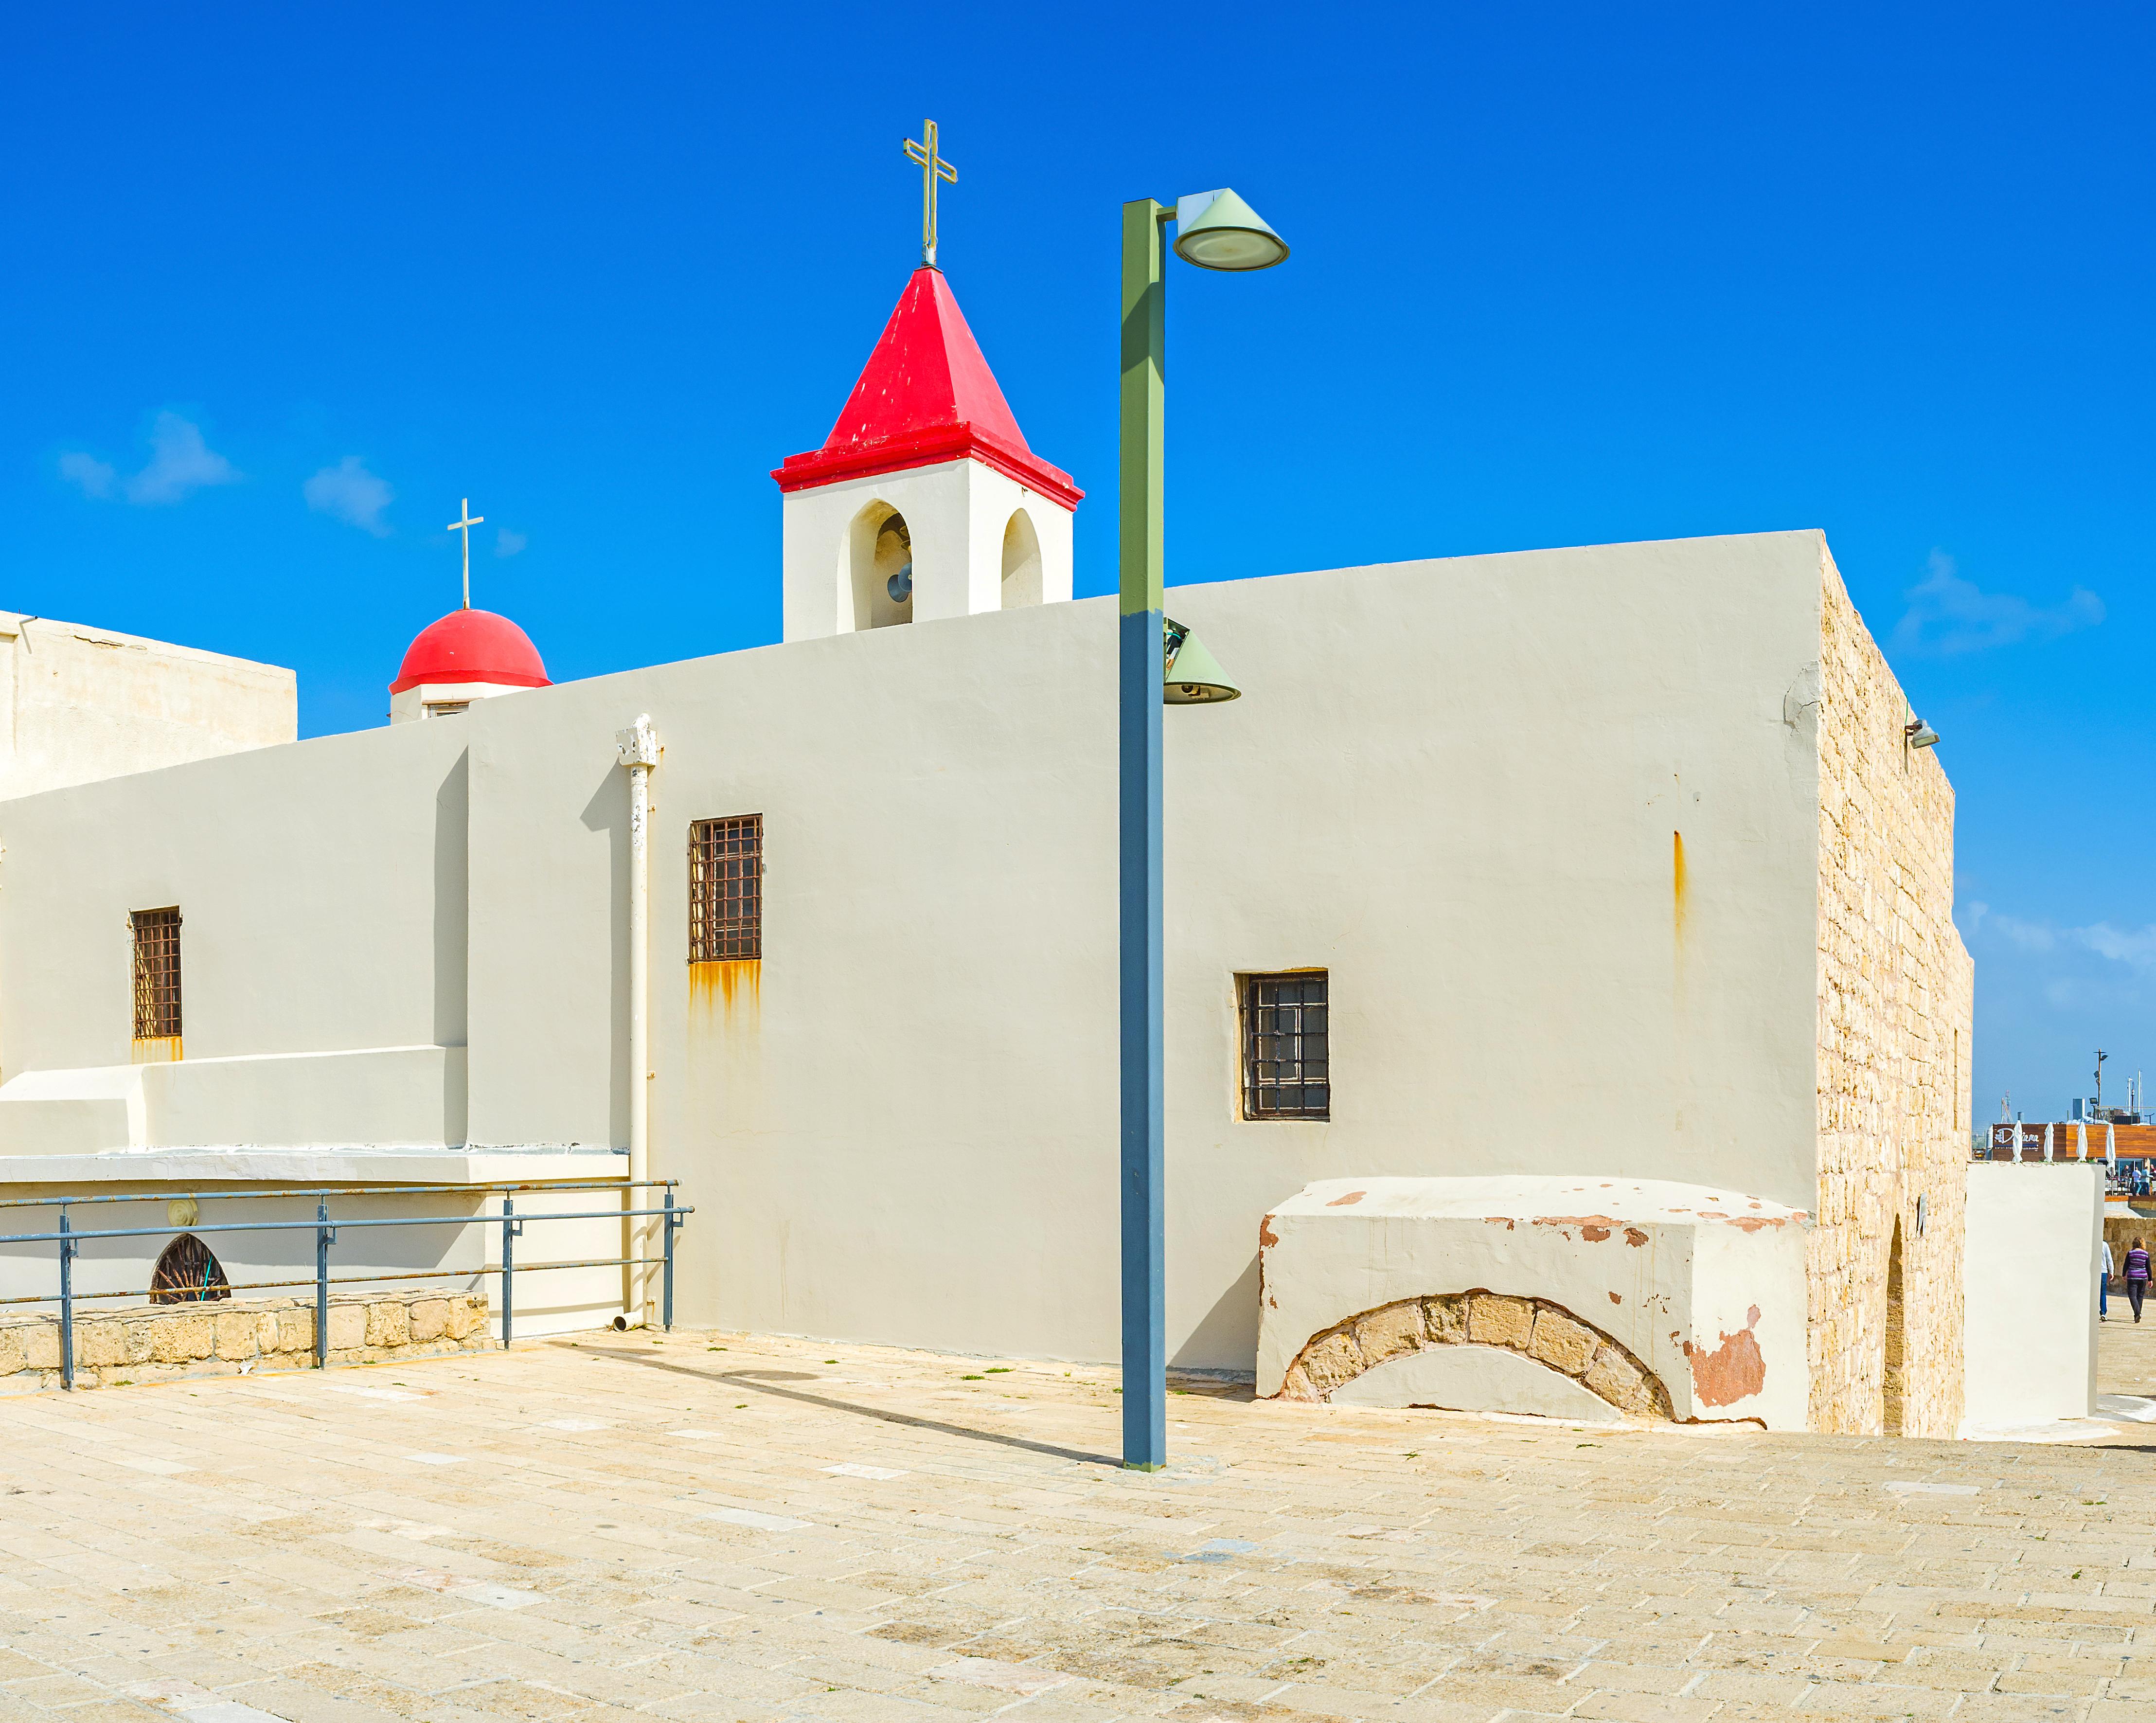 Desvela los misterios templarios en San Juan de Acre - Israel Circuito Israel imprescindible